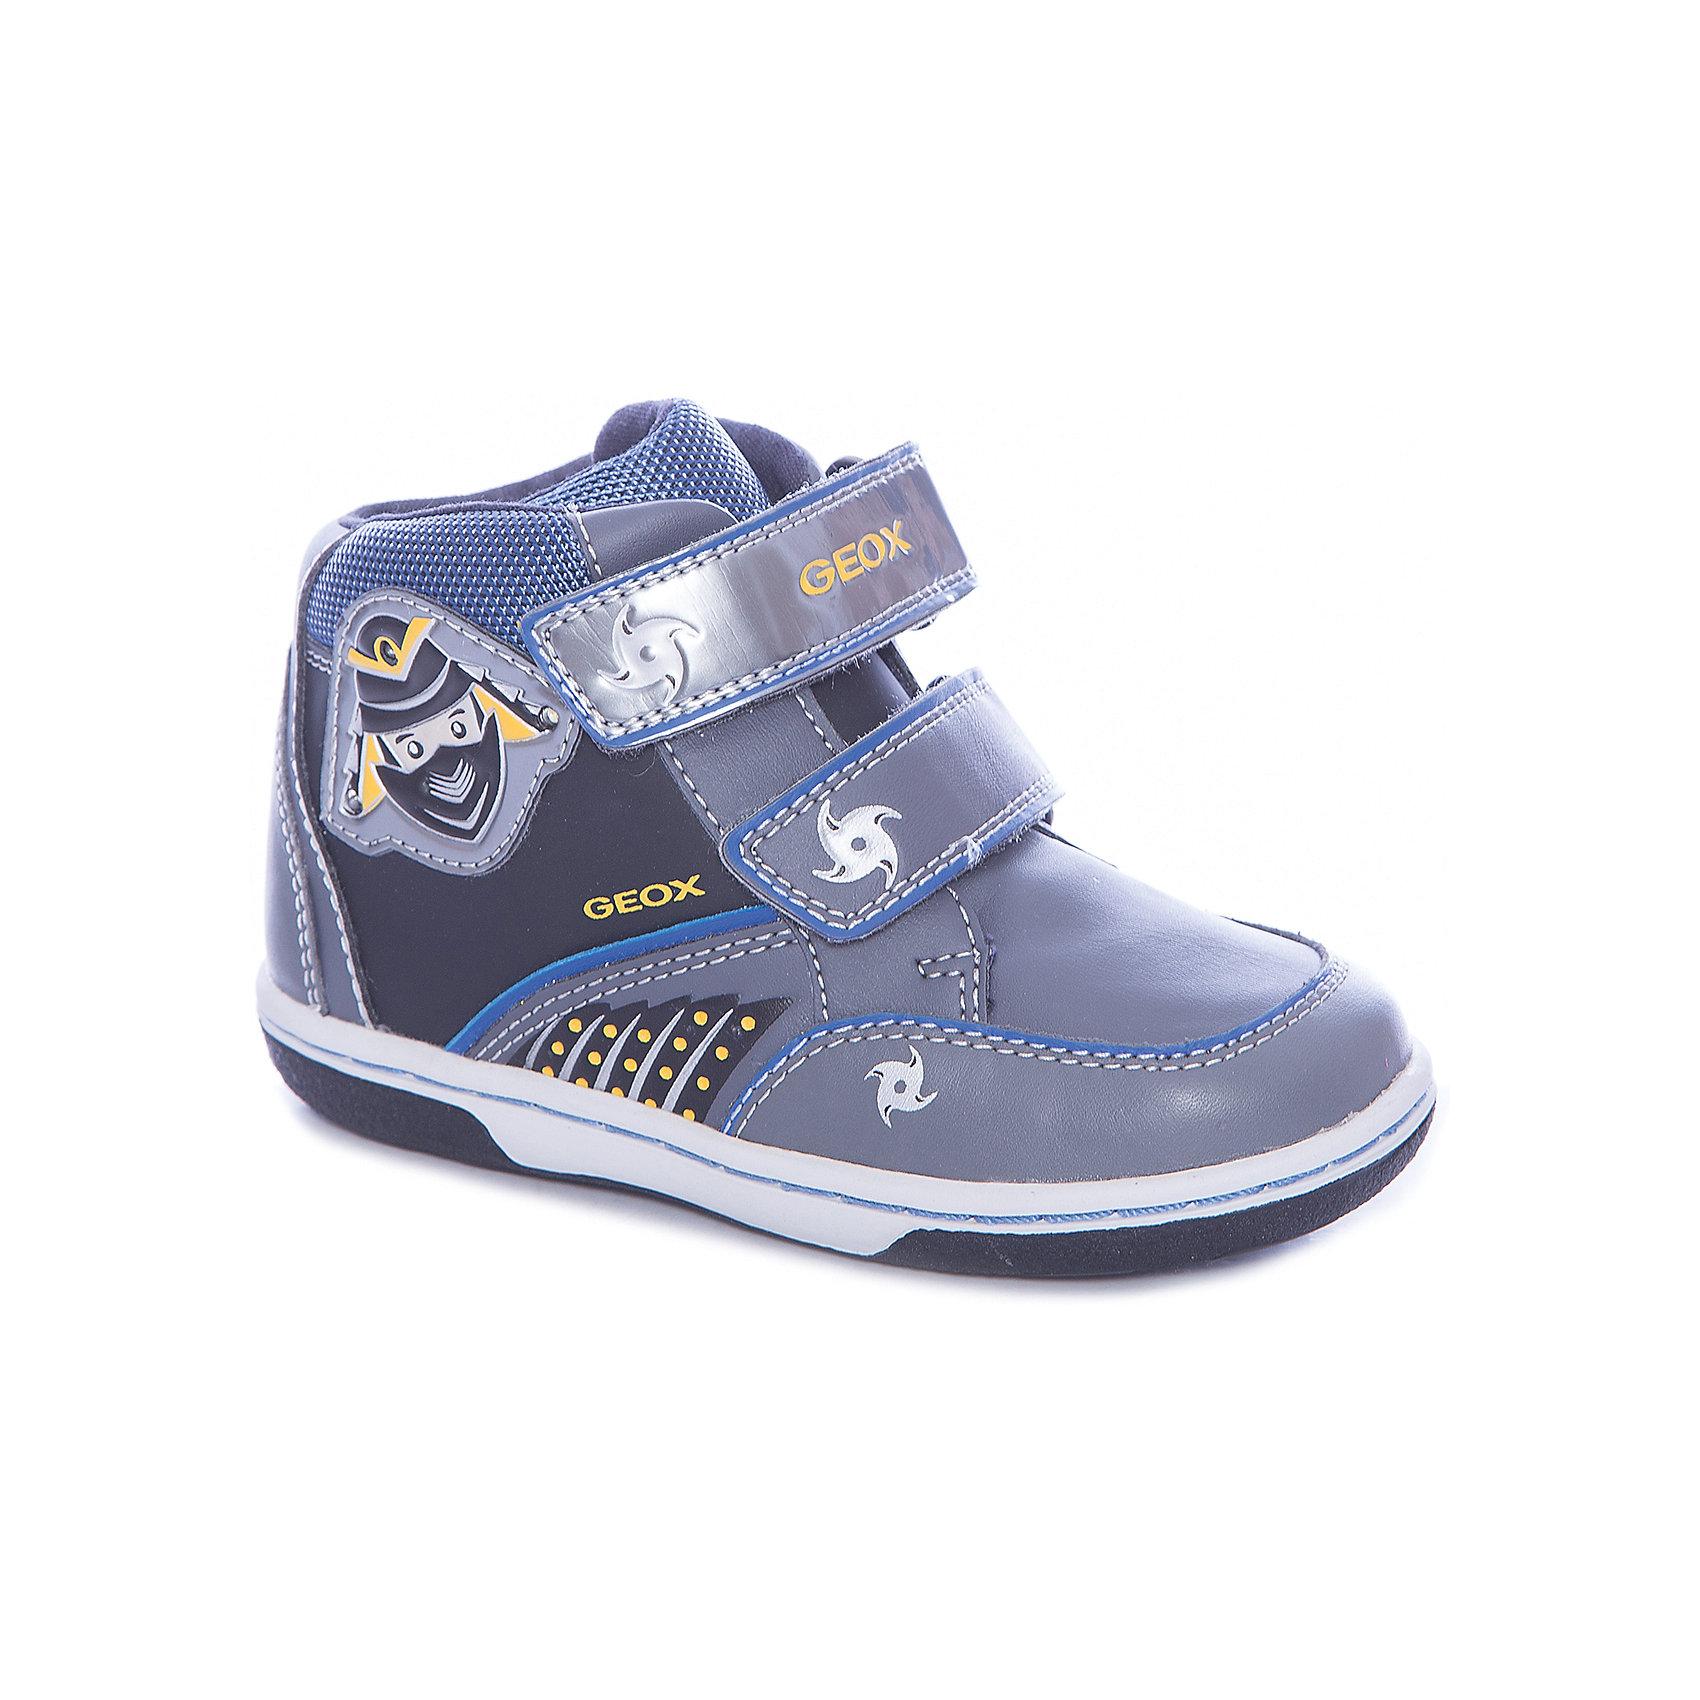 Ботинки для мальчика GeoxБотинки<br>Ботинки для мальчика от знаменитого итальянского бренда взрослой и детской одежды и обуви GEOX (Геокс). Прогулки станут еще веселее! Ботинки представлены в сером цвете в совмещении с серебристыми, синими и желтыми деталями, на них имеются нашитые озорные ниндзи и рисунки сюрикэнов. Разработанная технология подошвы кроссовок не позволяет им скользить, амортизирует шаги, не пропускает воду и позволяет стопе дышать. Мягкая подошва отлично гнется, обеспечивая безопасность шагов малыша, поддерживая стопу, позволяя стоять более уверенно и оставляя свободу движения. Эргономичная антибактериальная стелька и высокий задник хорошо фиксируют голеностоп и удобны в носке. Внутренний материал позволяют легко надевать и снимать Ботинки, застегивая на две практичные липучки. Ботинки сохраняют тепло маленьких ножек и оставляют их сухими, позволяя им дышать. <br>Дополнительная информация:<br>- Состав:<br>верх:  80% синтетика, 20% текстиль<br>подкладка: текстиль<br>стелька: натуральная кожа <br>подошва: резина<br>Ботинки для мальчика GEOX (Геокс) можно купить в нашем магазине.<br>Подробнее:<br>• Для детей в возрасте: от 12 месяцев до 4 лет<br>• Номер товара: 4865018<br>Страна производитель: Индонезия<br><br>Ширина мм: 250<br>Глубина мм: 150<br>Высота мм: 150<br>Вес г: 250<br>Цвет: серый<br>Возраст от месяцев: 24<br>Возраст до месяцев: 36<br>Пол: Мужской<br>Возраст: Детский<br>Размер: 26,23,27,25,24<br>SKU: 4865018